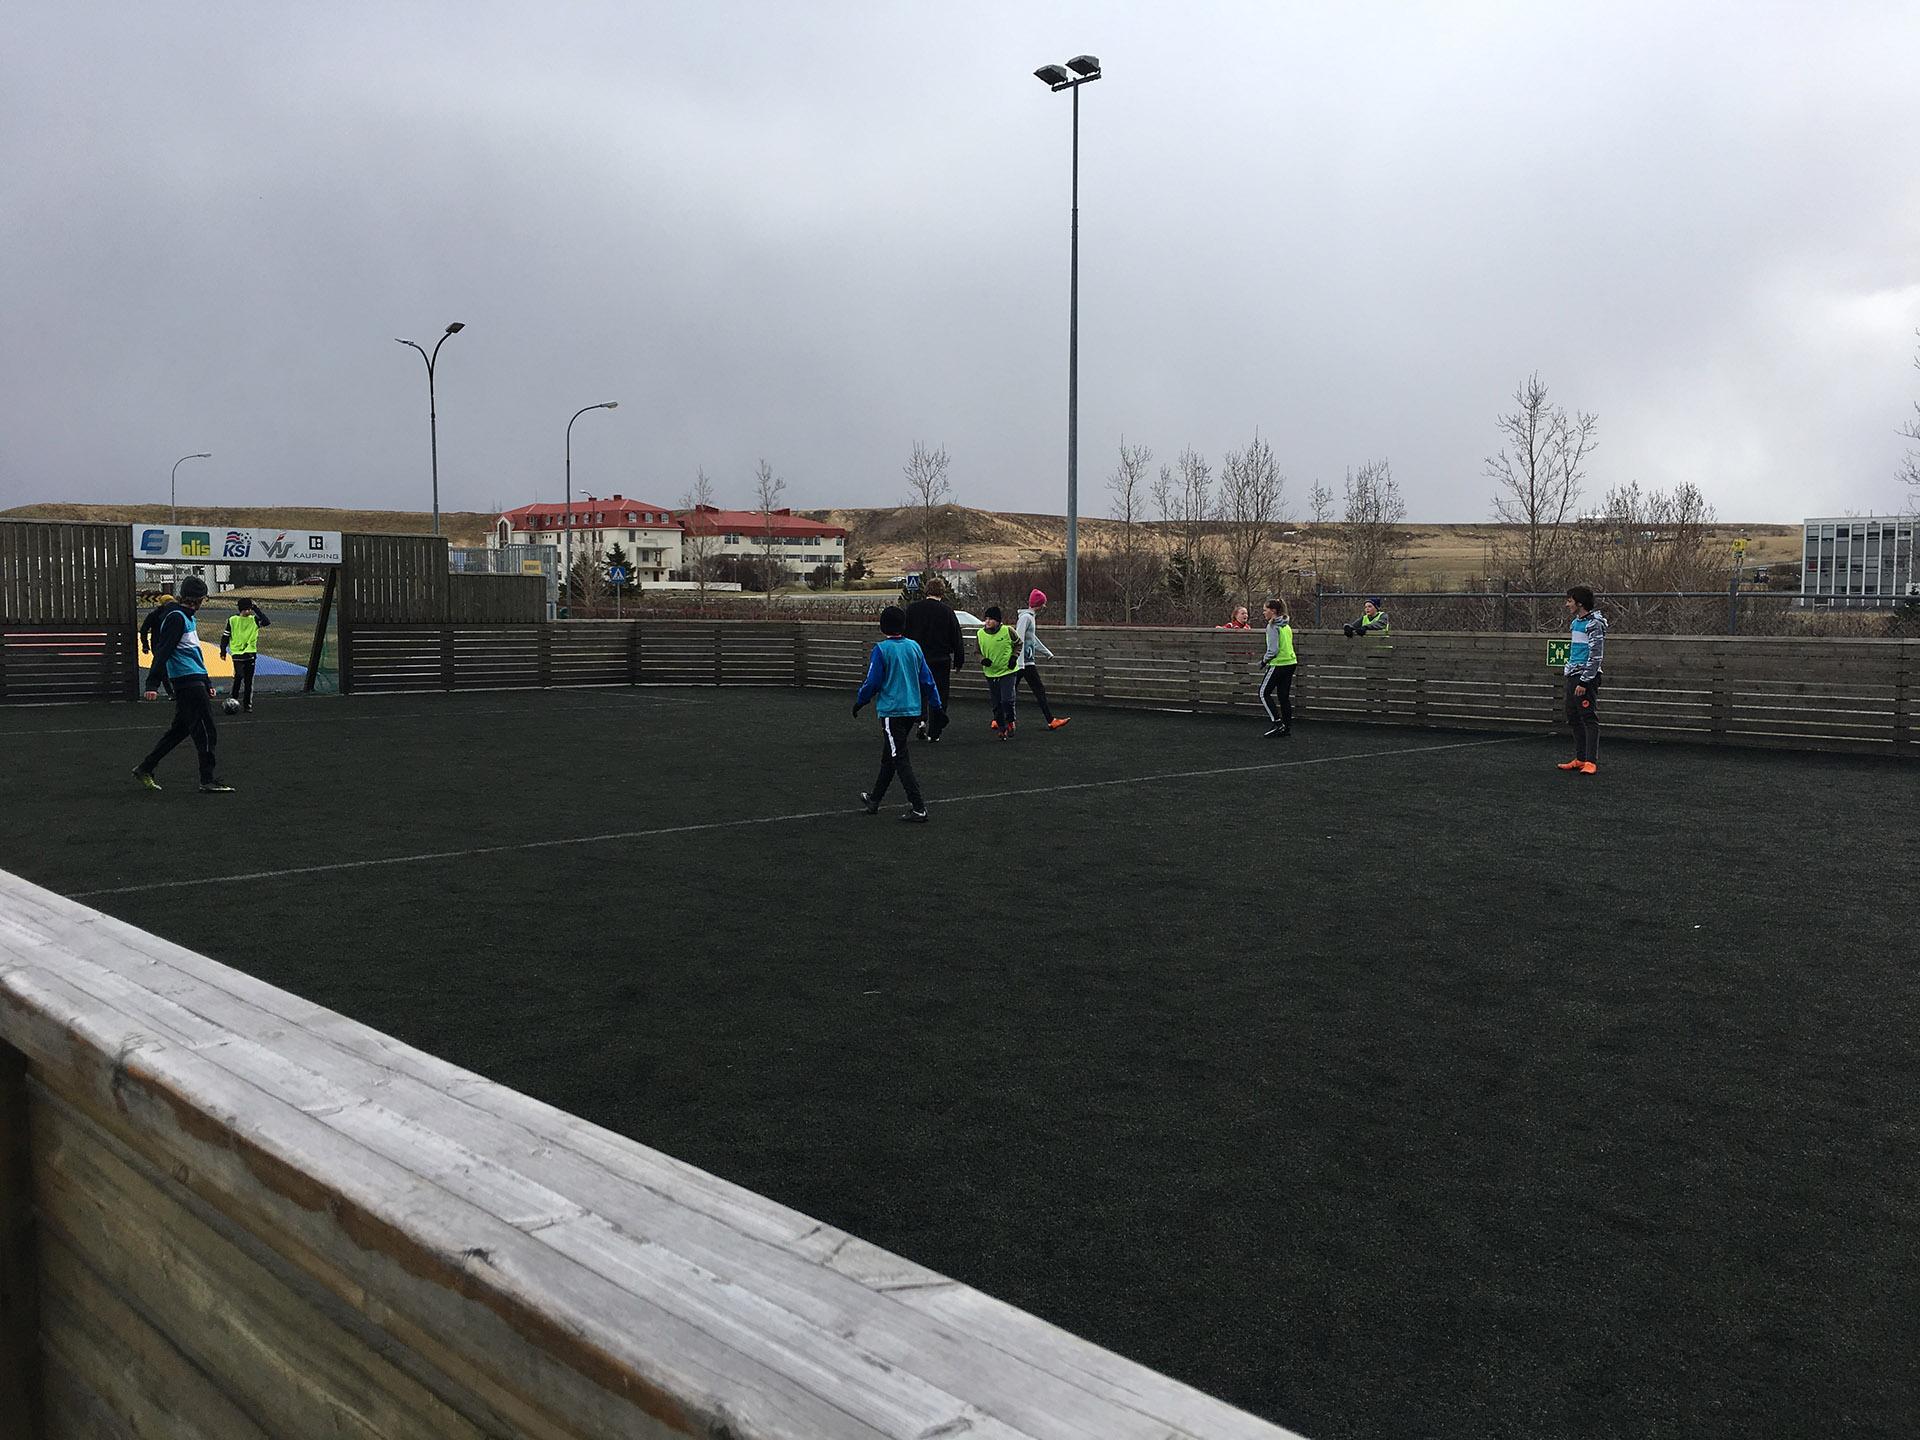 Es habitual ver jóvenes jugando al fútbol en estas pequeñas canchas rodeadas de un cerco de madera